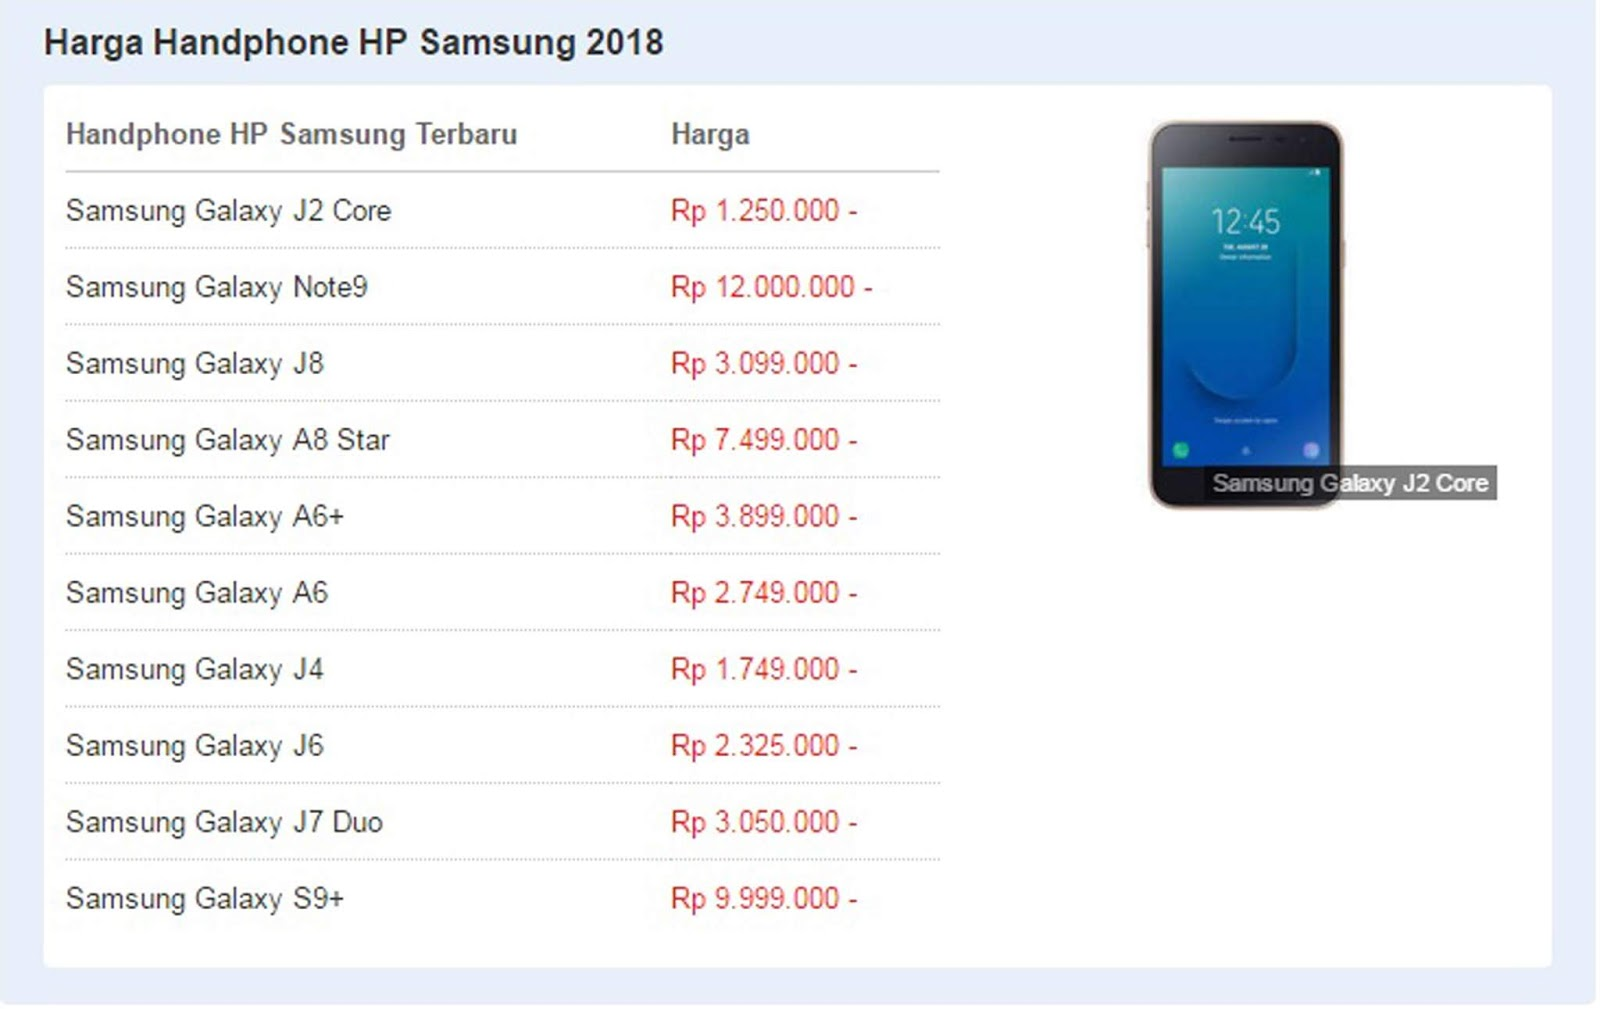 Daftar Harga Samsung Bulan Ini Memang Tidak Jauh Berbeda Dengan Agustuus